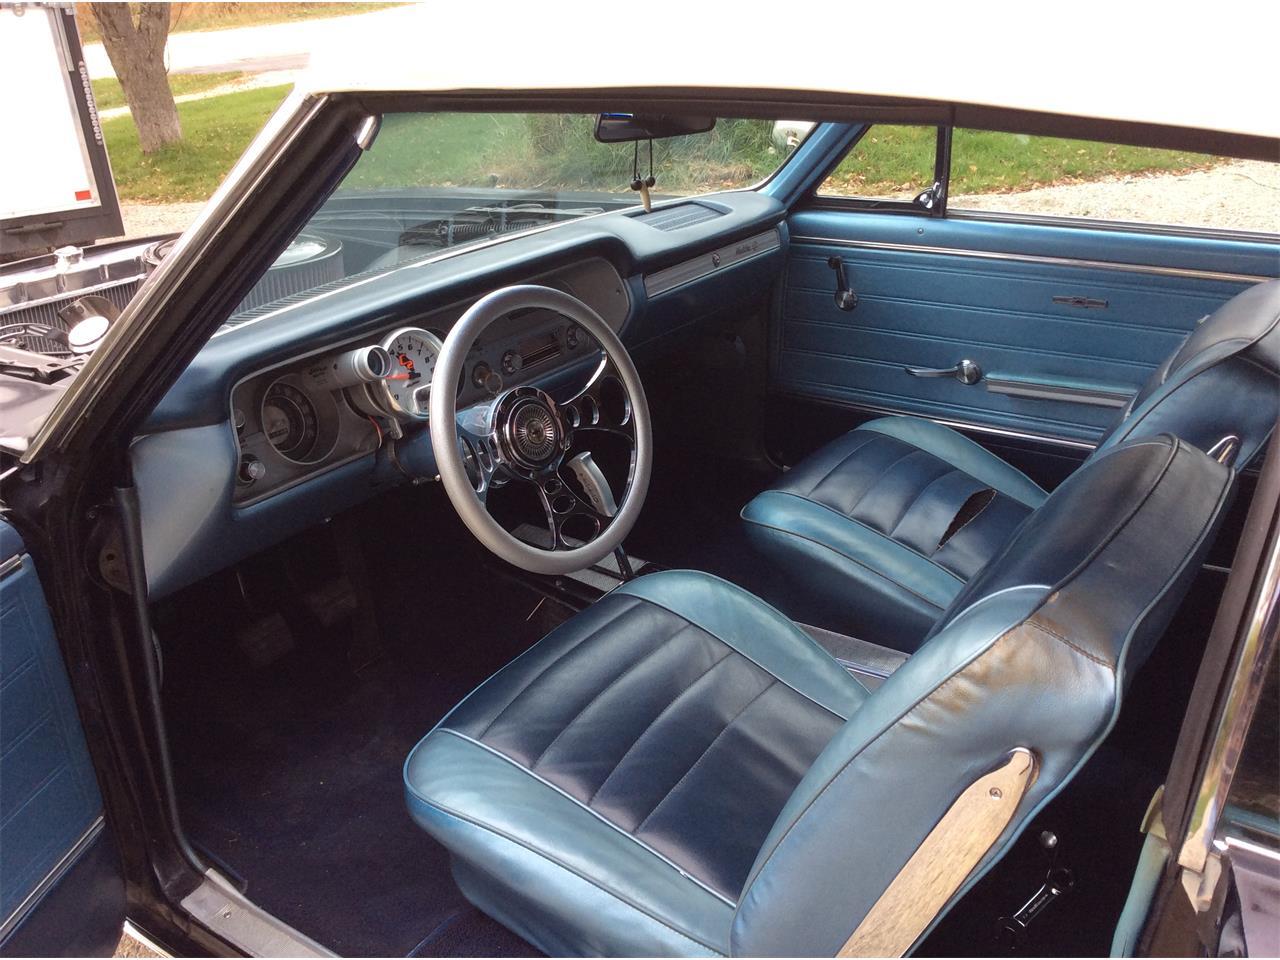 Large Picture of Classic '65 Chevrolet Chevelle Malibu located in Iowa - $27,000.00 - JMJM